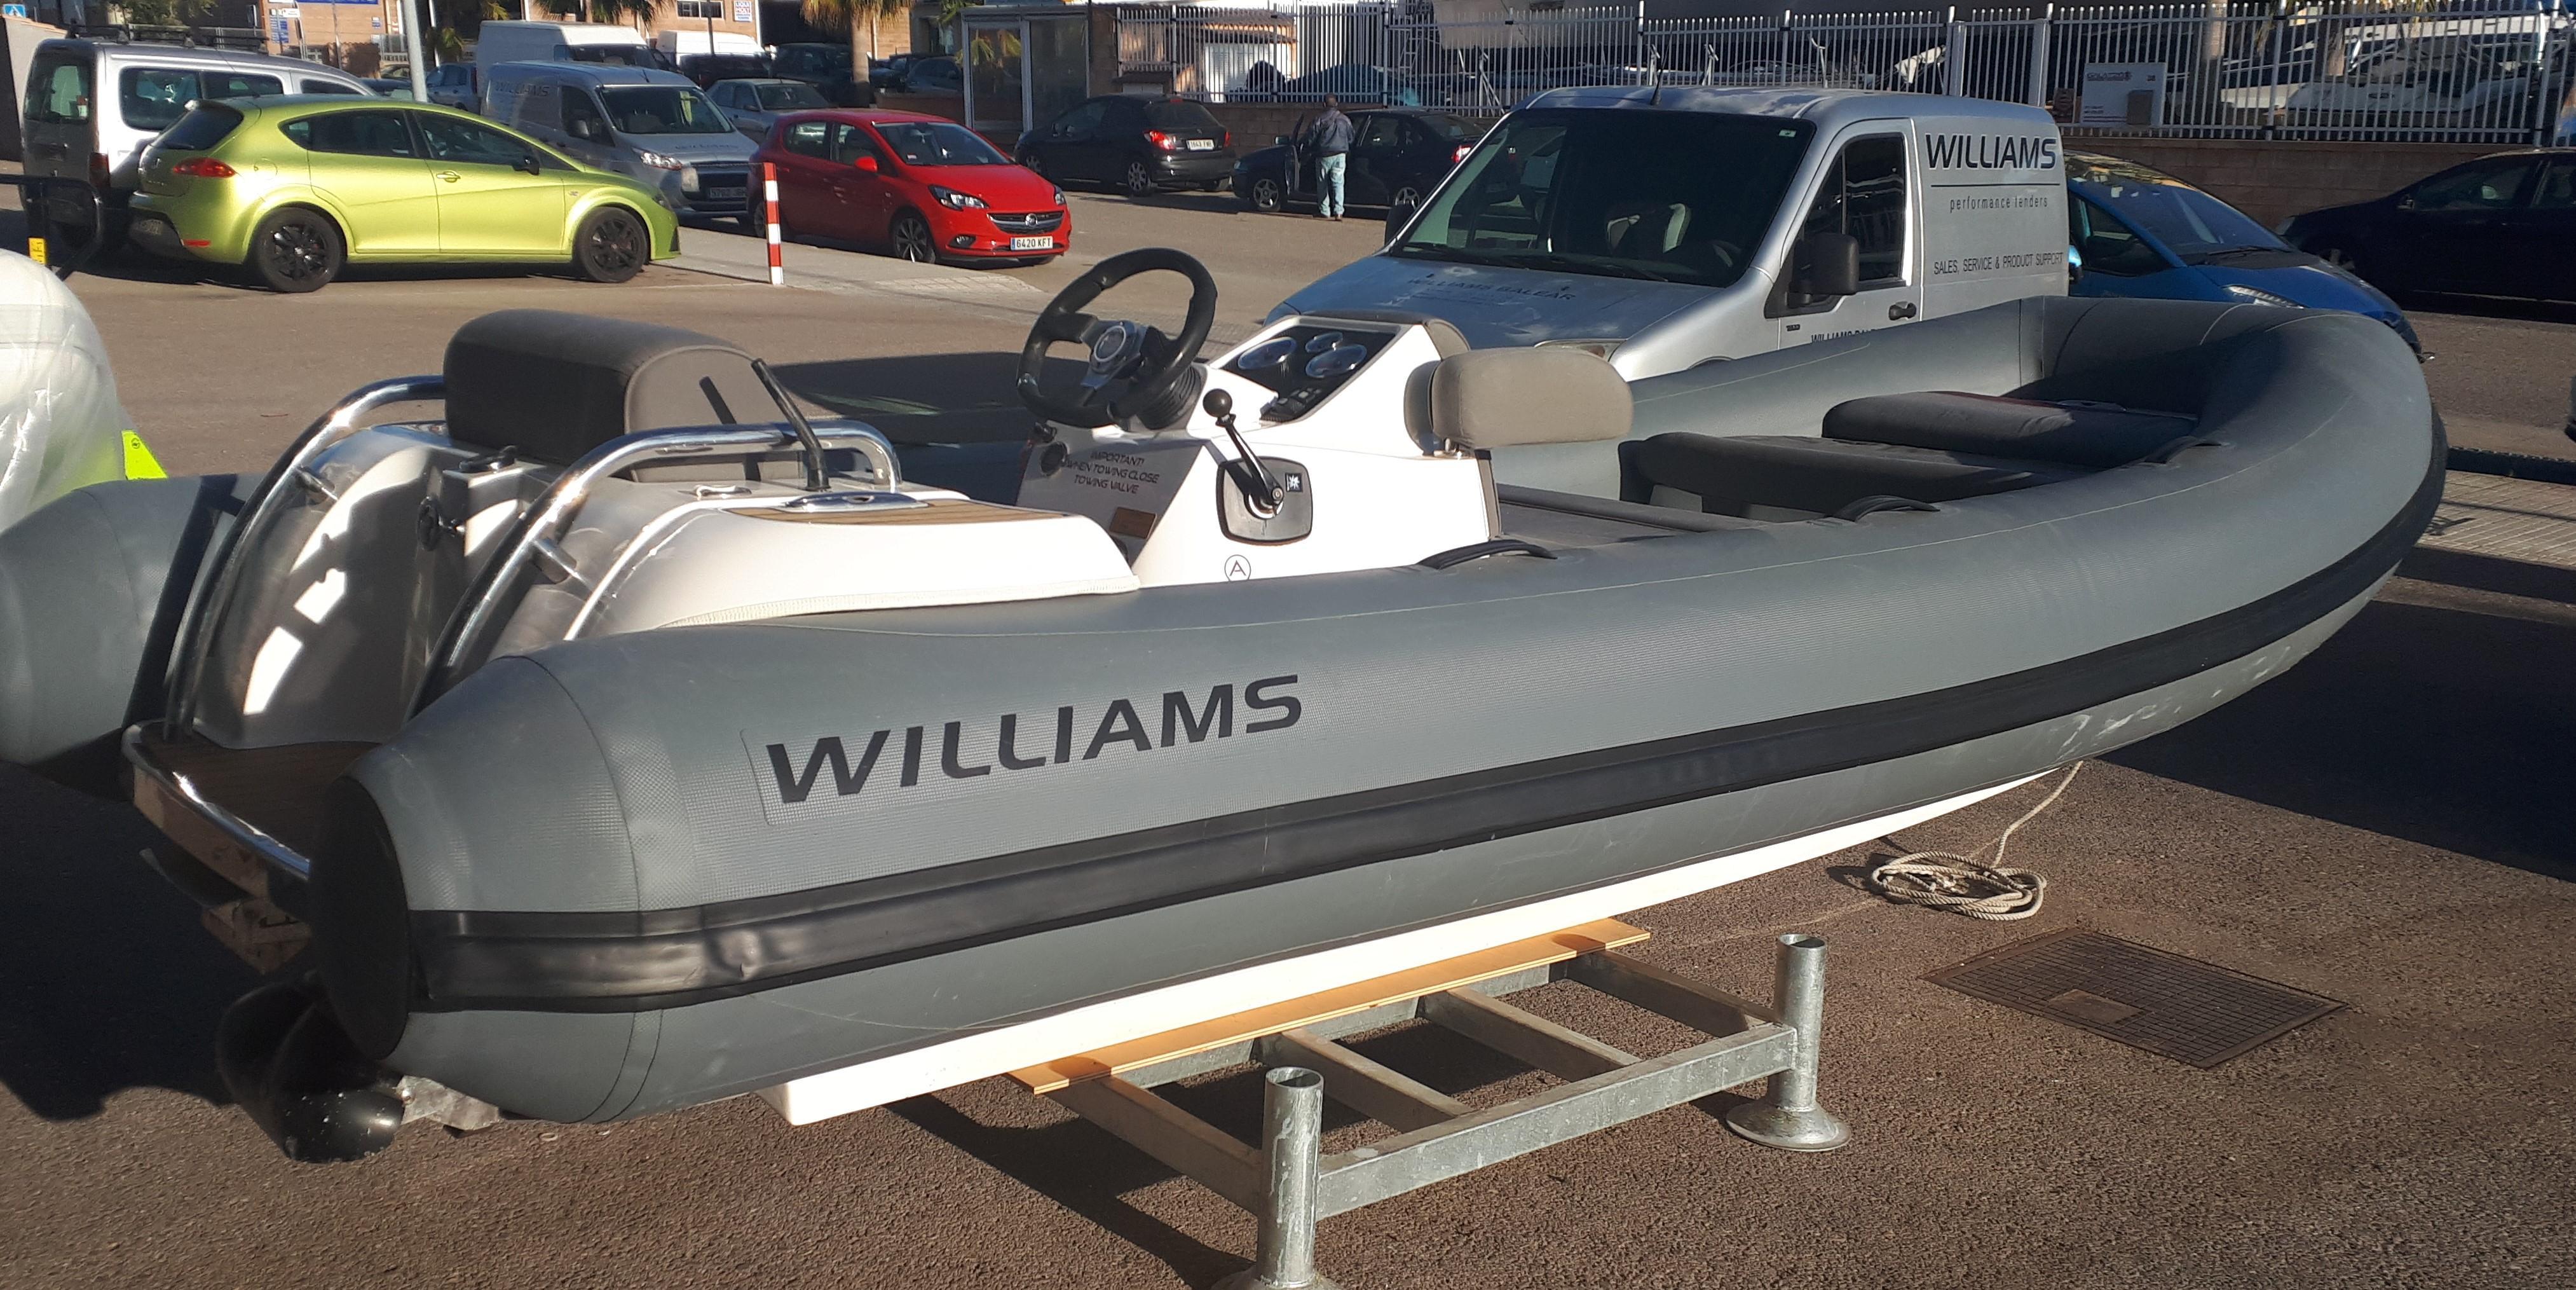 Williams Jet Tenders Turbojet 445